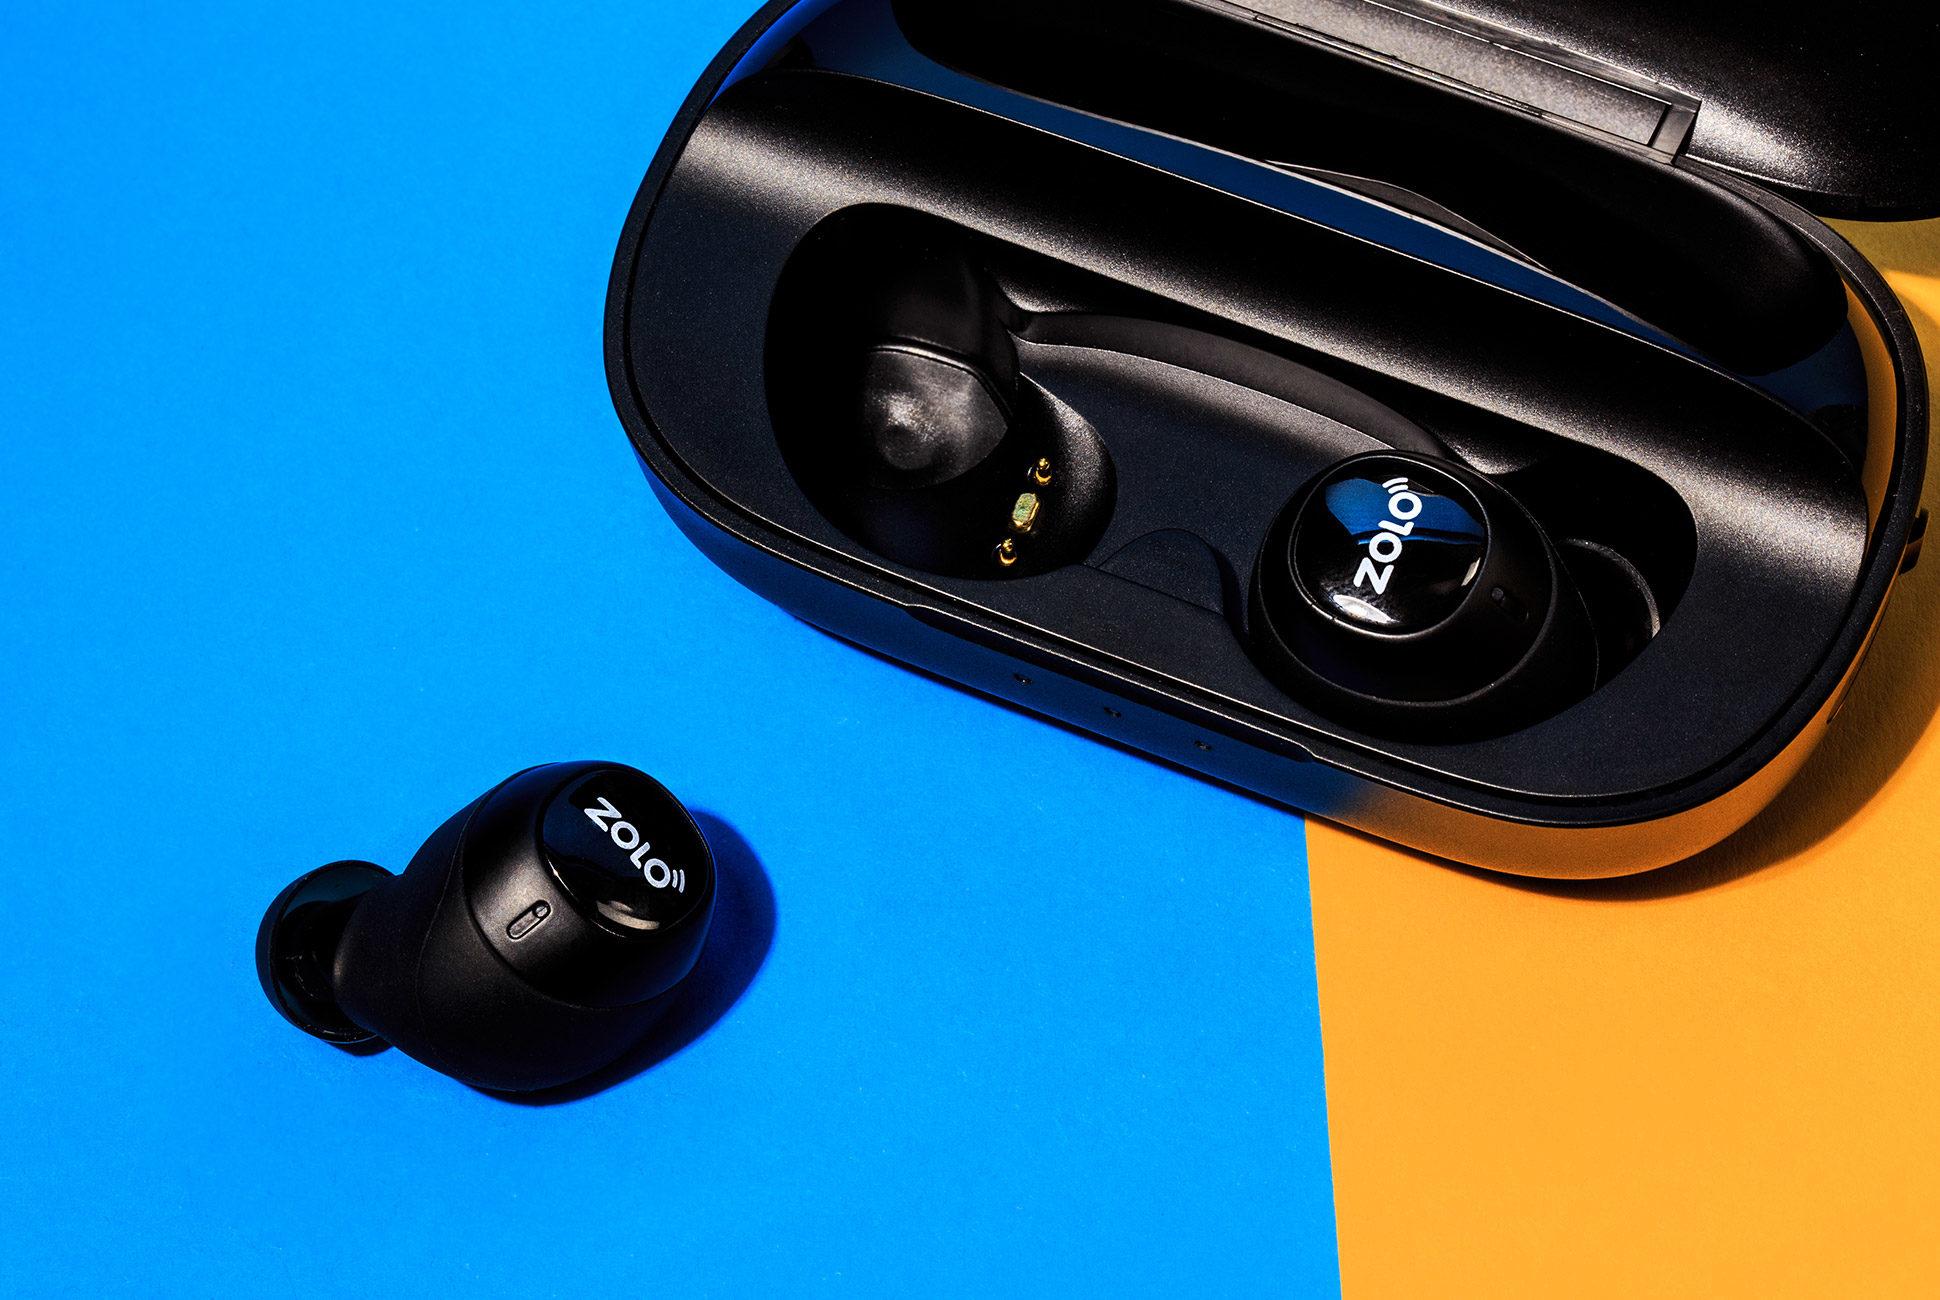 Anker Liberty Zolo Wireless Headphones gear patrol 2